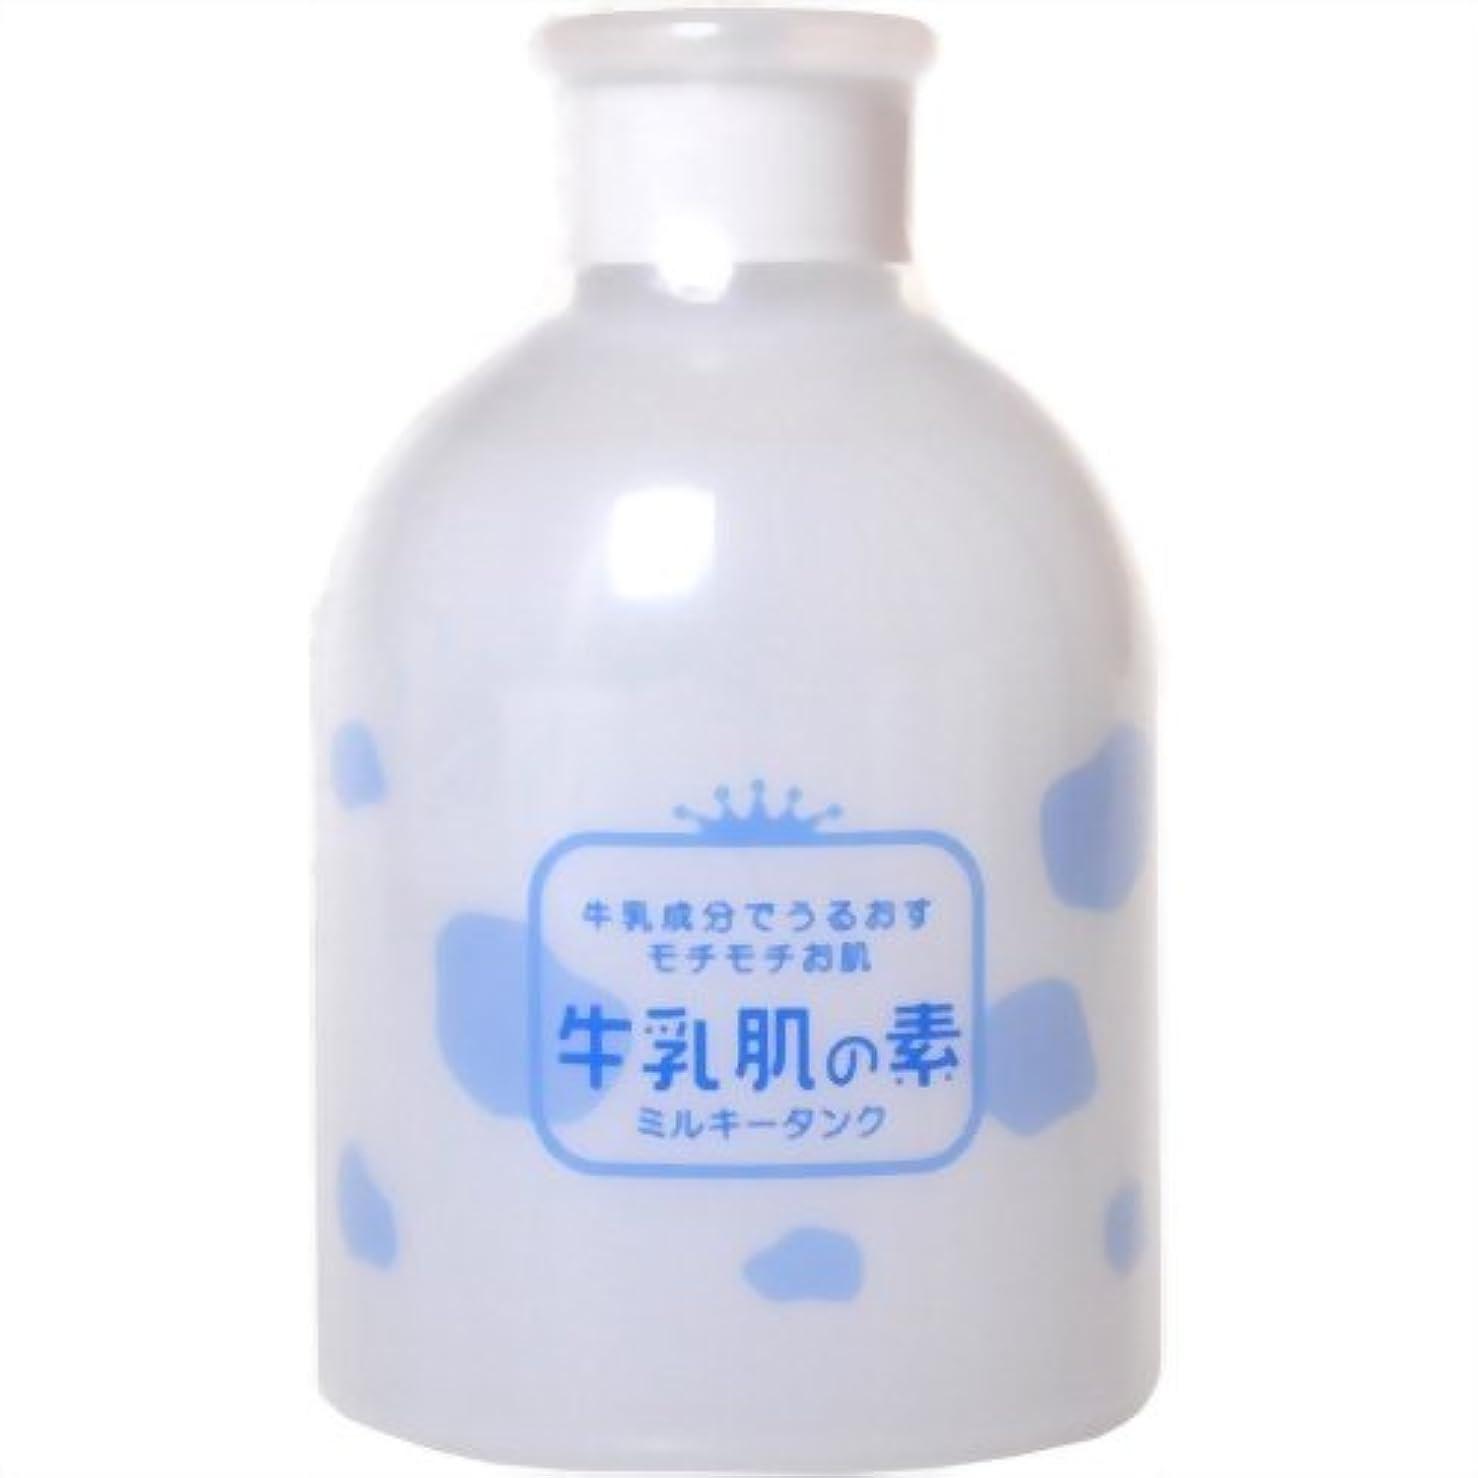 期待してオークビール牛乳肌の素 ミルキータンク(化粧水) 300ml